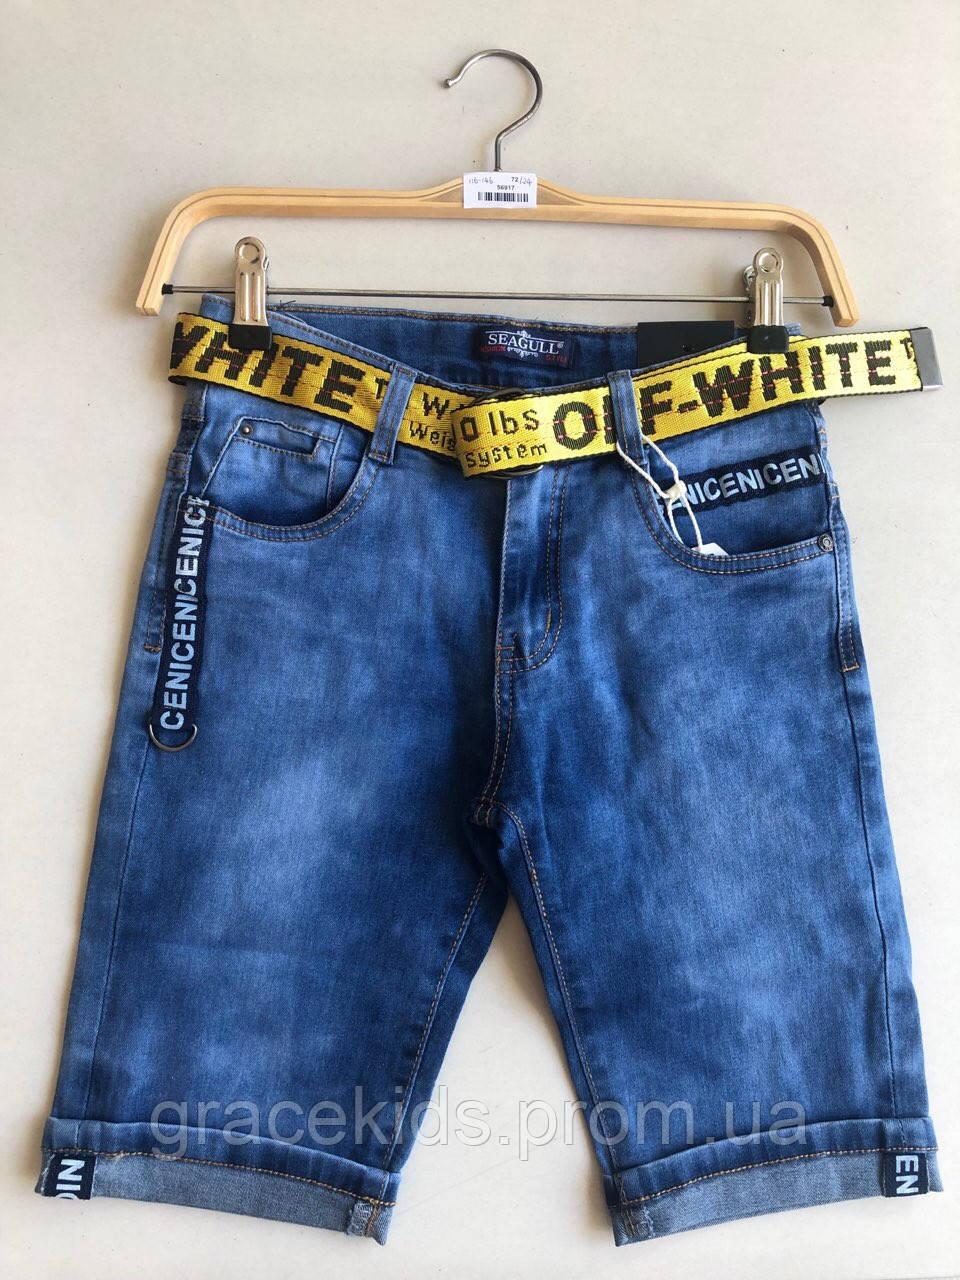 Детские джинсовые шорты для мальчиков оптом Seagull,разм 116-146 см